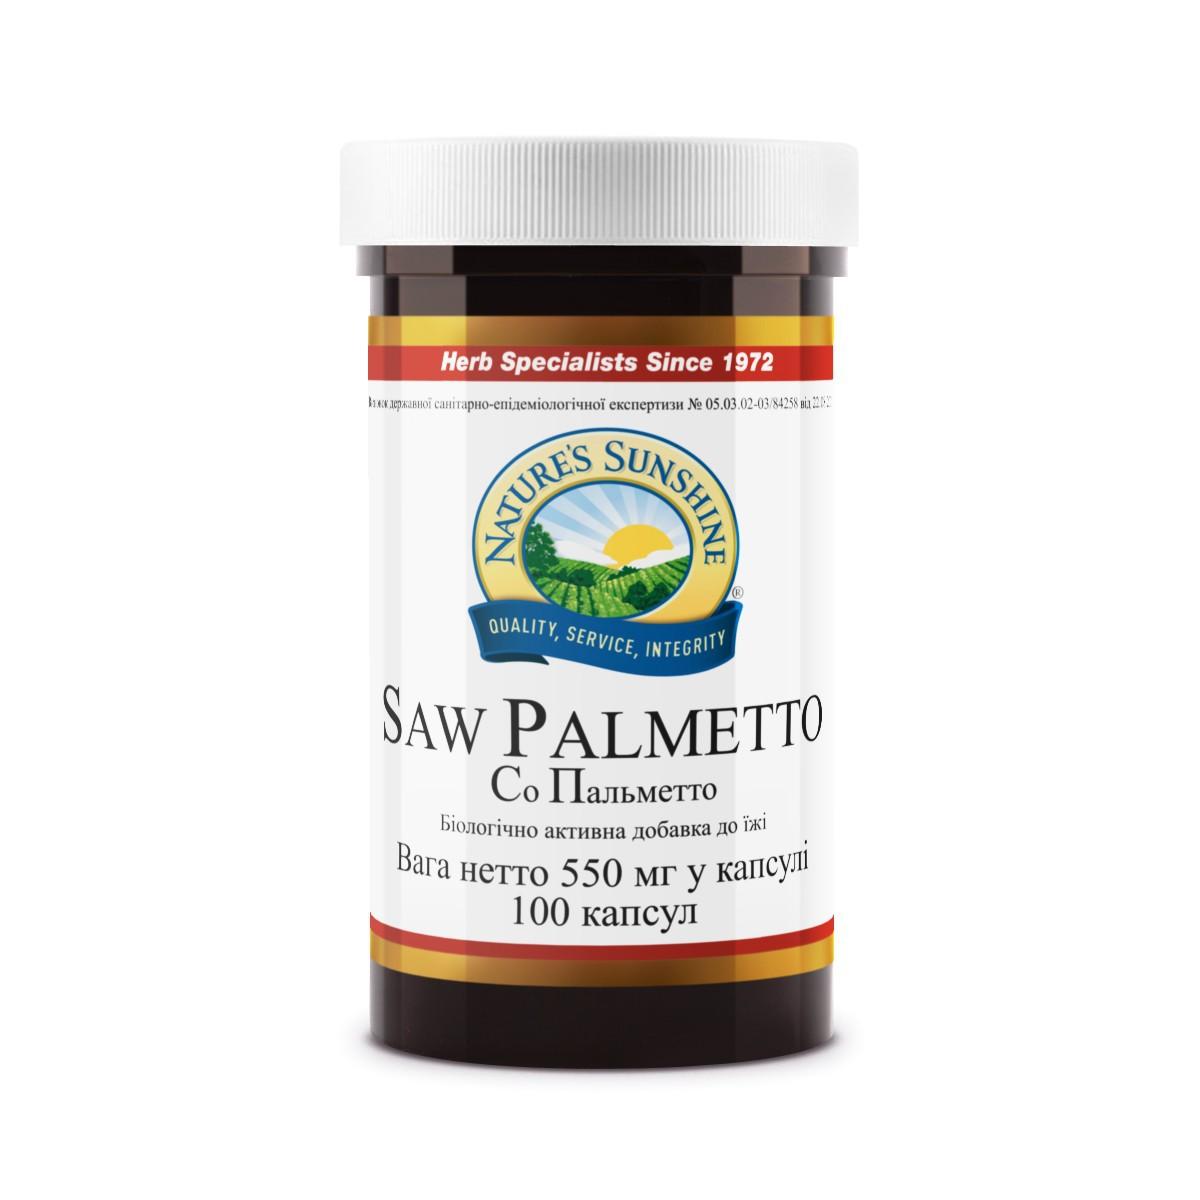 Saw Palmetto [630] (-10%)